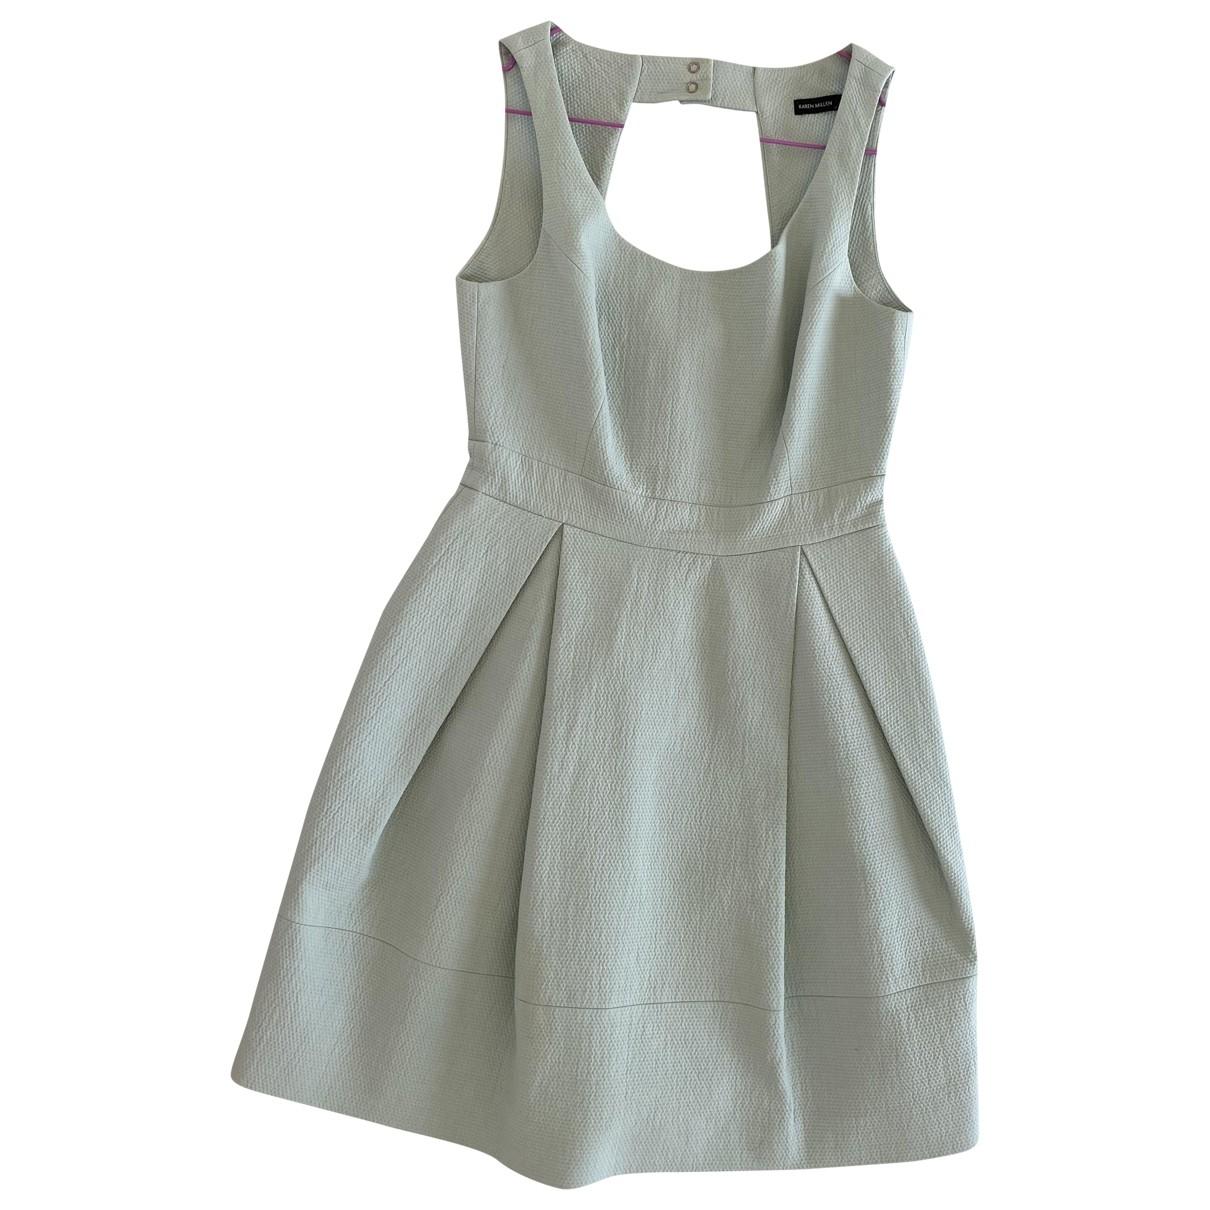 Karen Millen \N Green dress for Women 36 FR